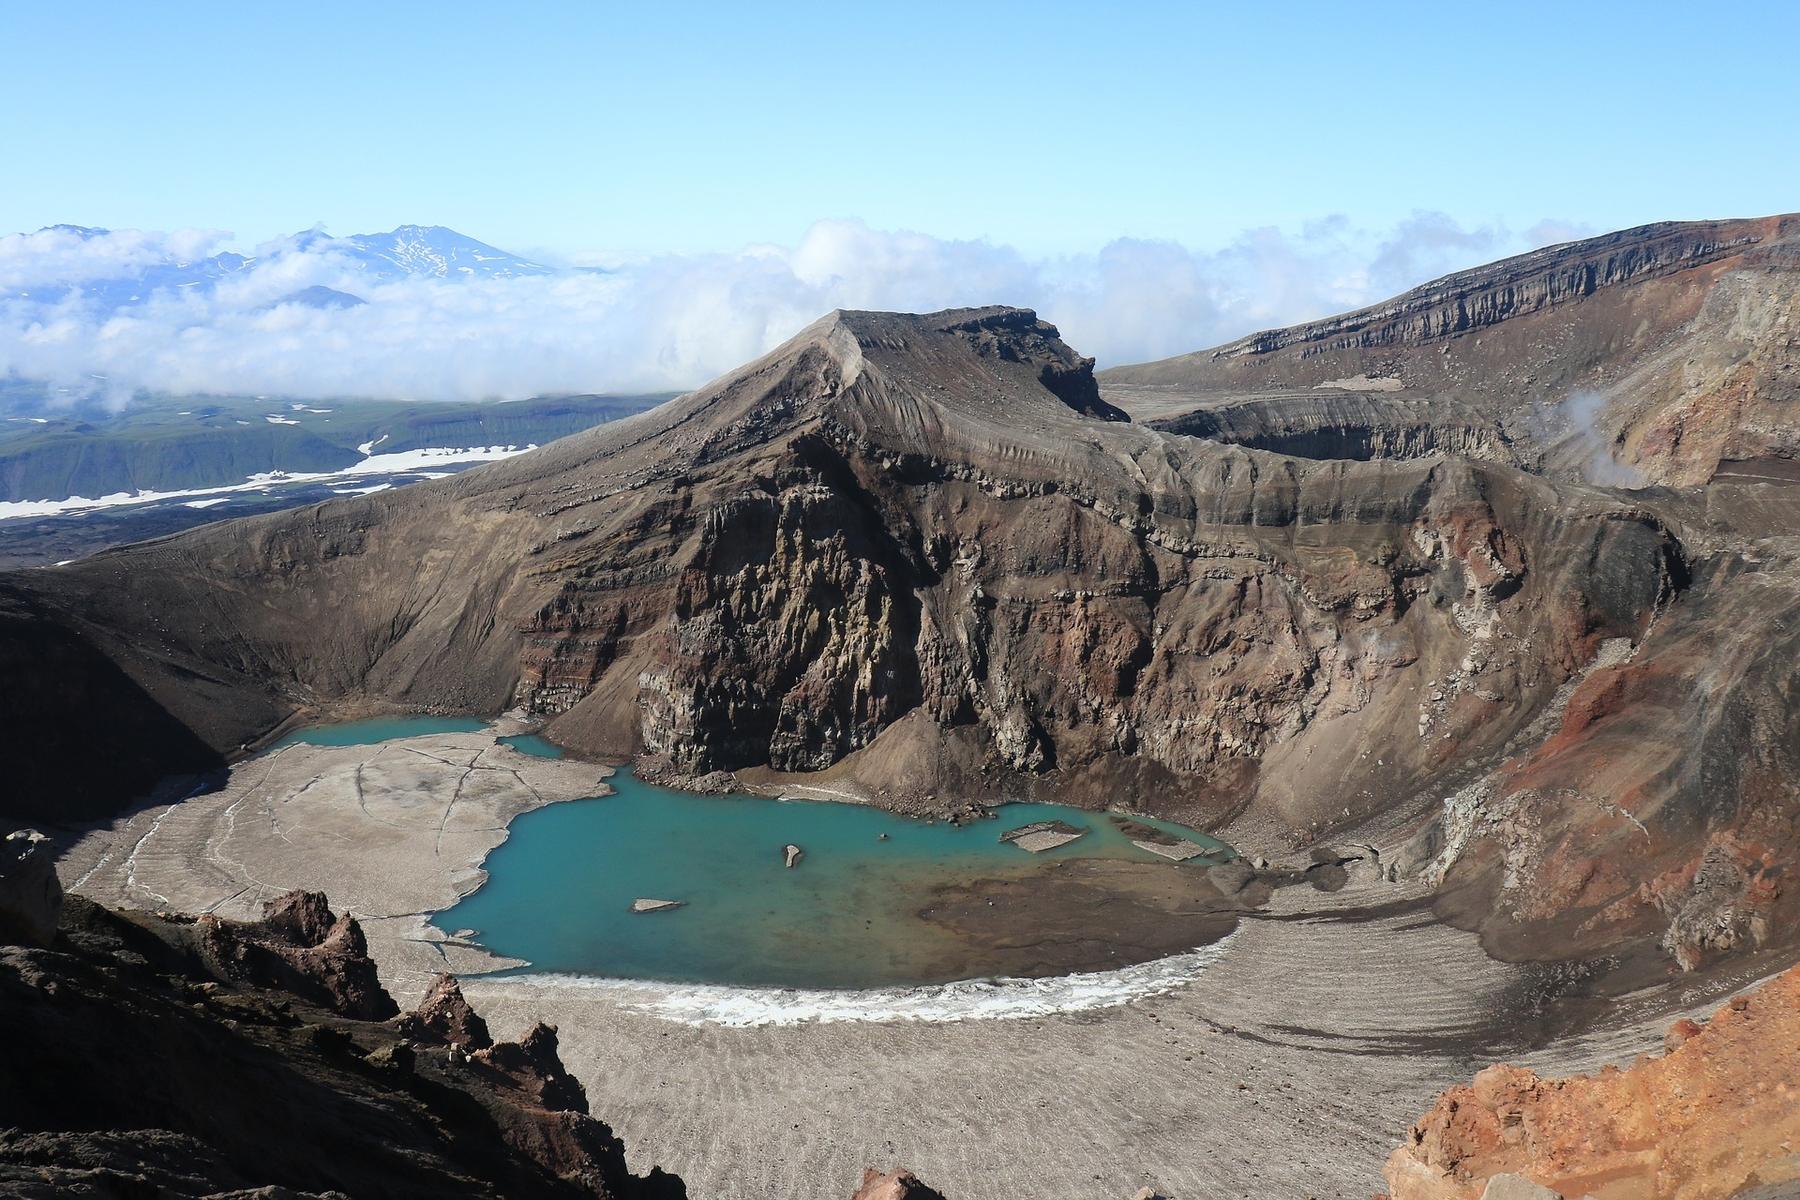 Ключевые достопримечательности Камчатки: вулкан Горелый